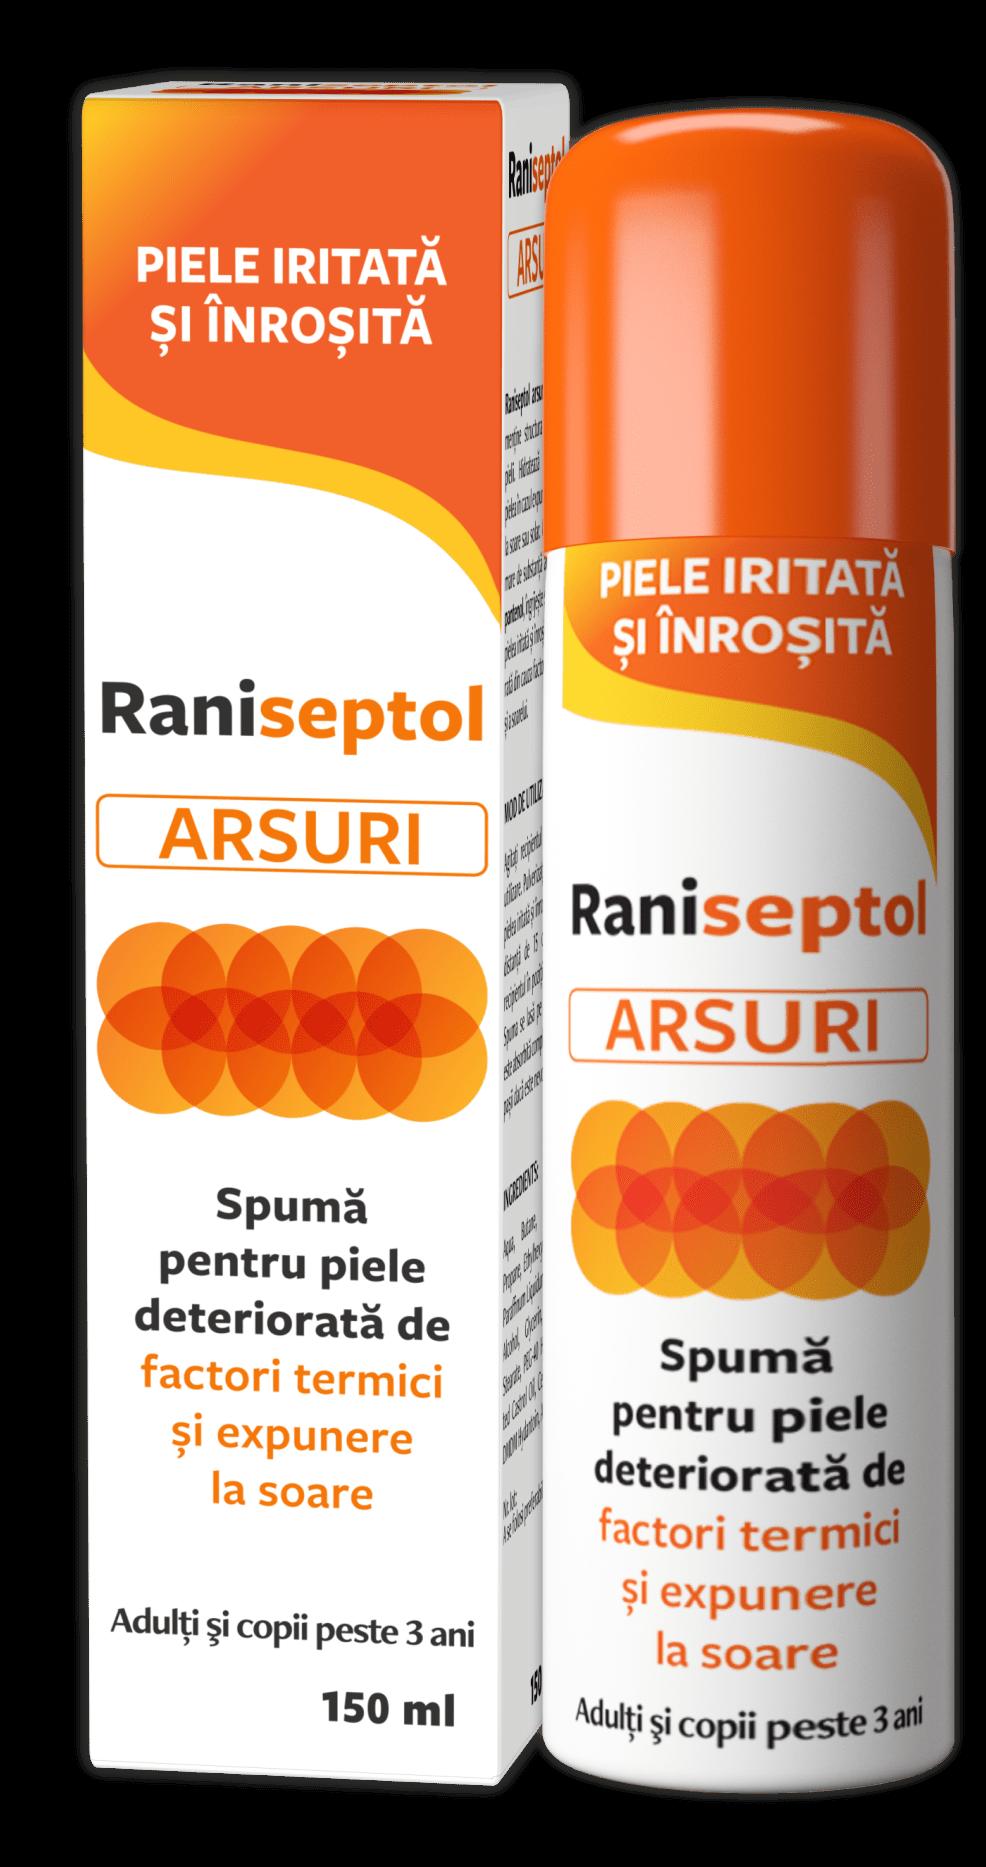 Raniseptol ARSURI – Aliatul tau impotriva arsurilor solare!